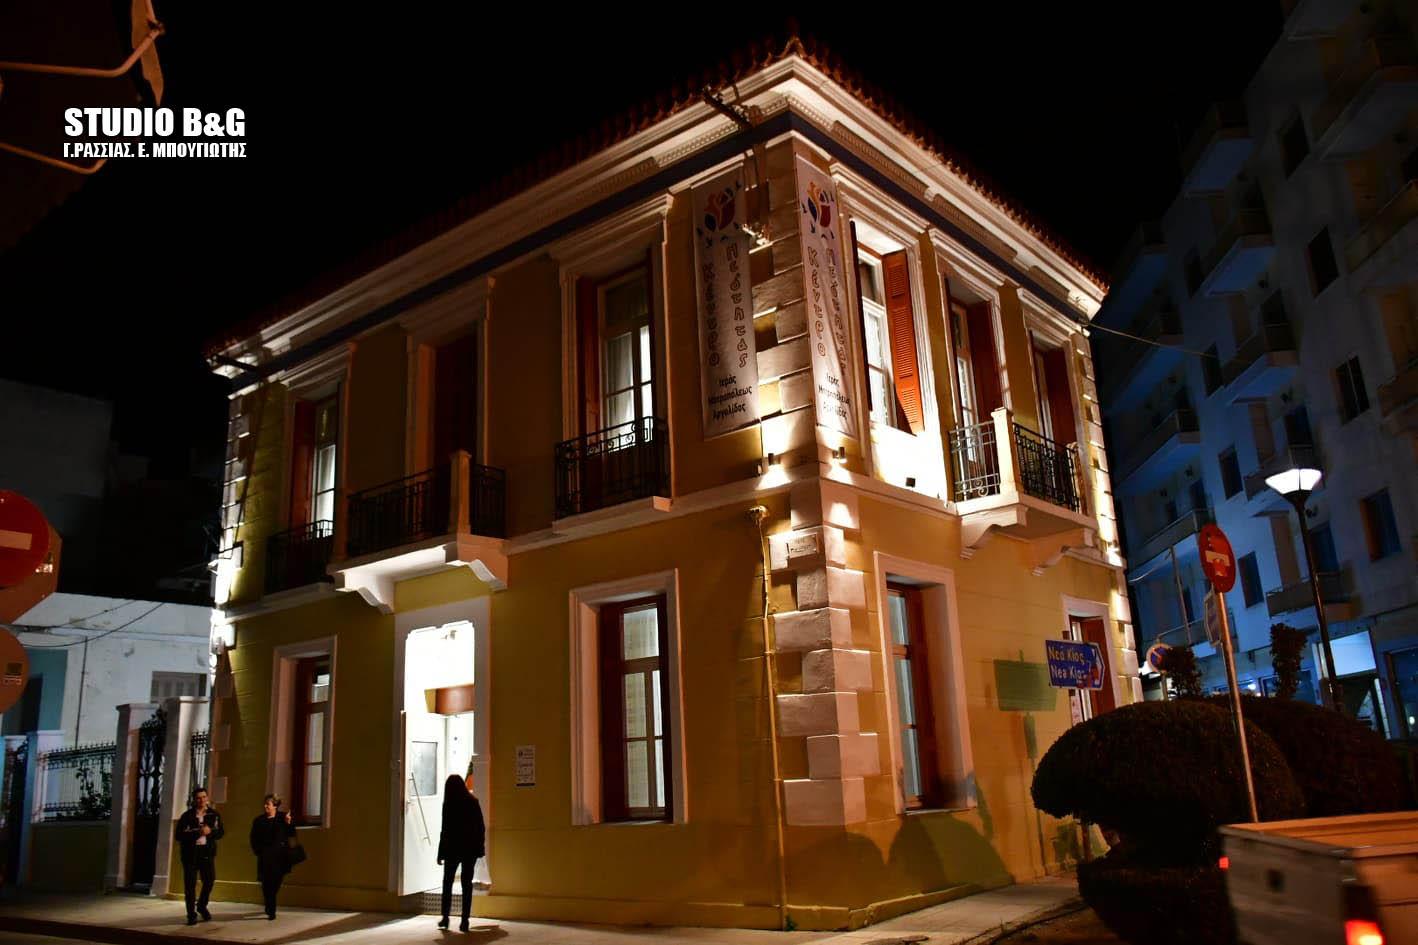 Ο Μητροπολίτης Αργολίδος κ. Νεκτάριος εγκαινίασε το Κέντρο Νεότητος στην πόλη του Άργους